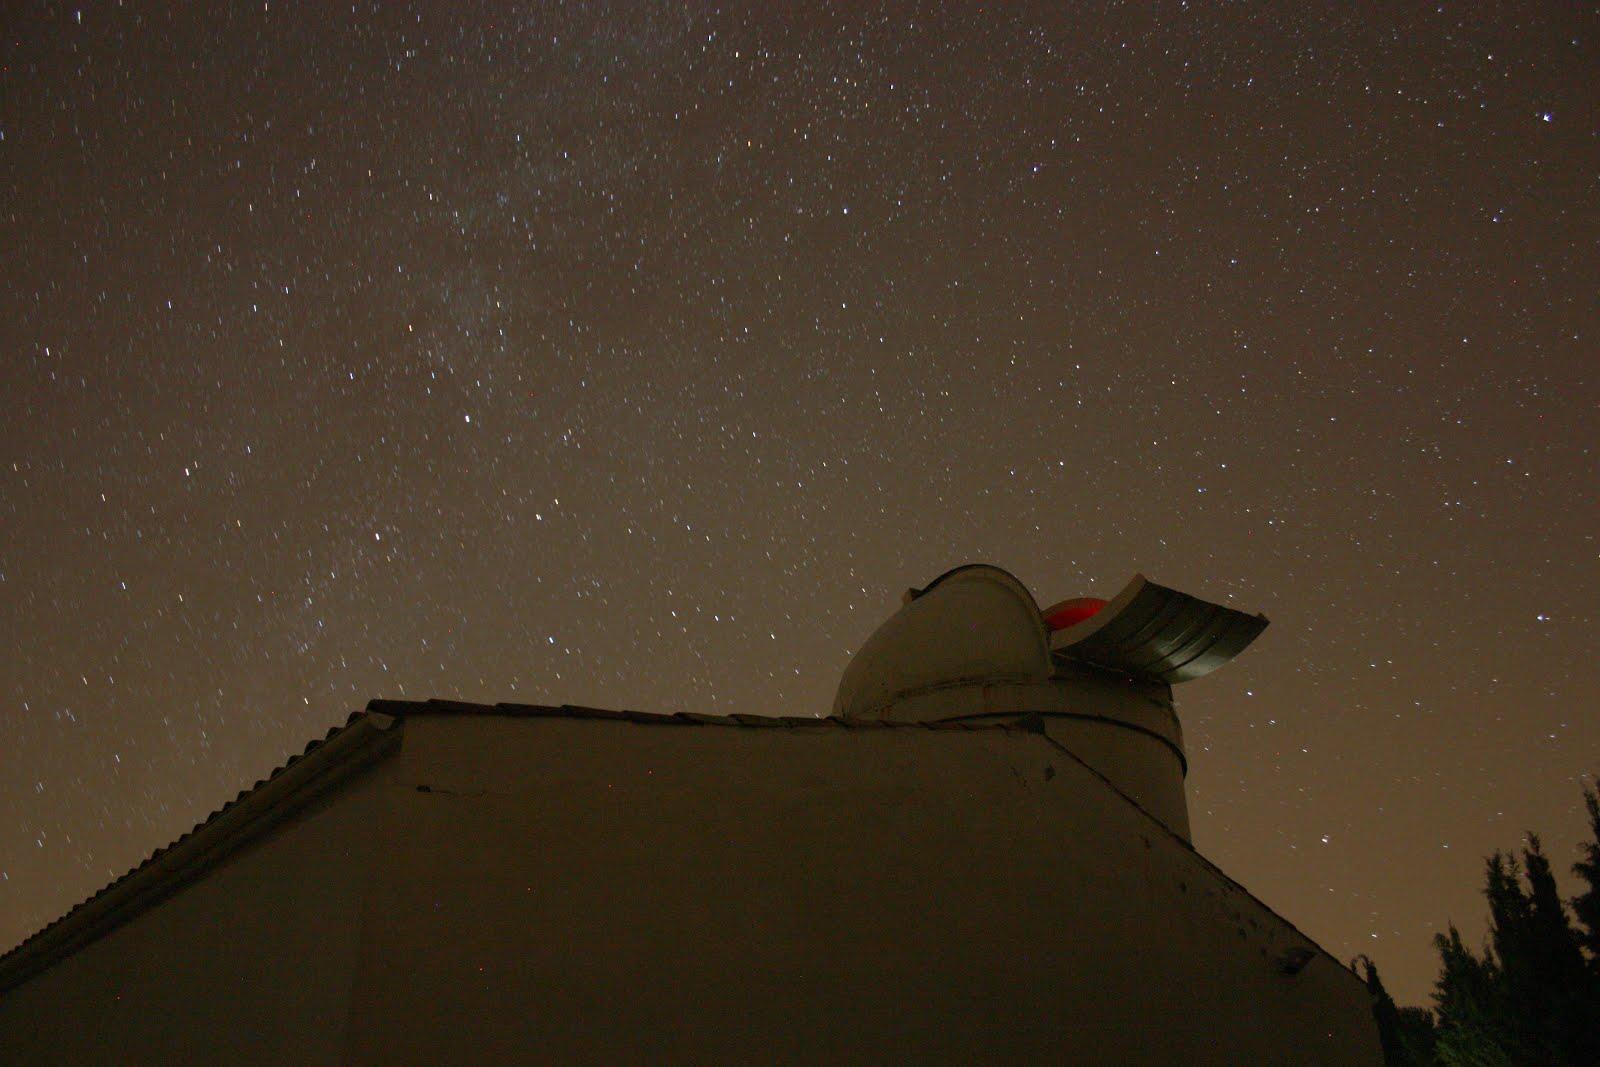 Observatori del Garraf (OAG)